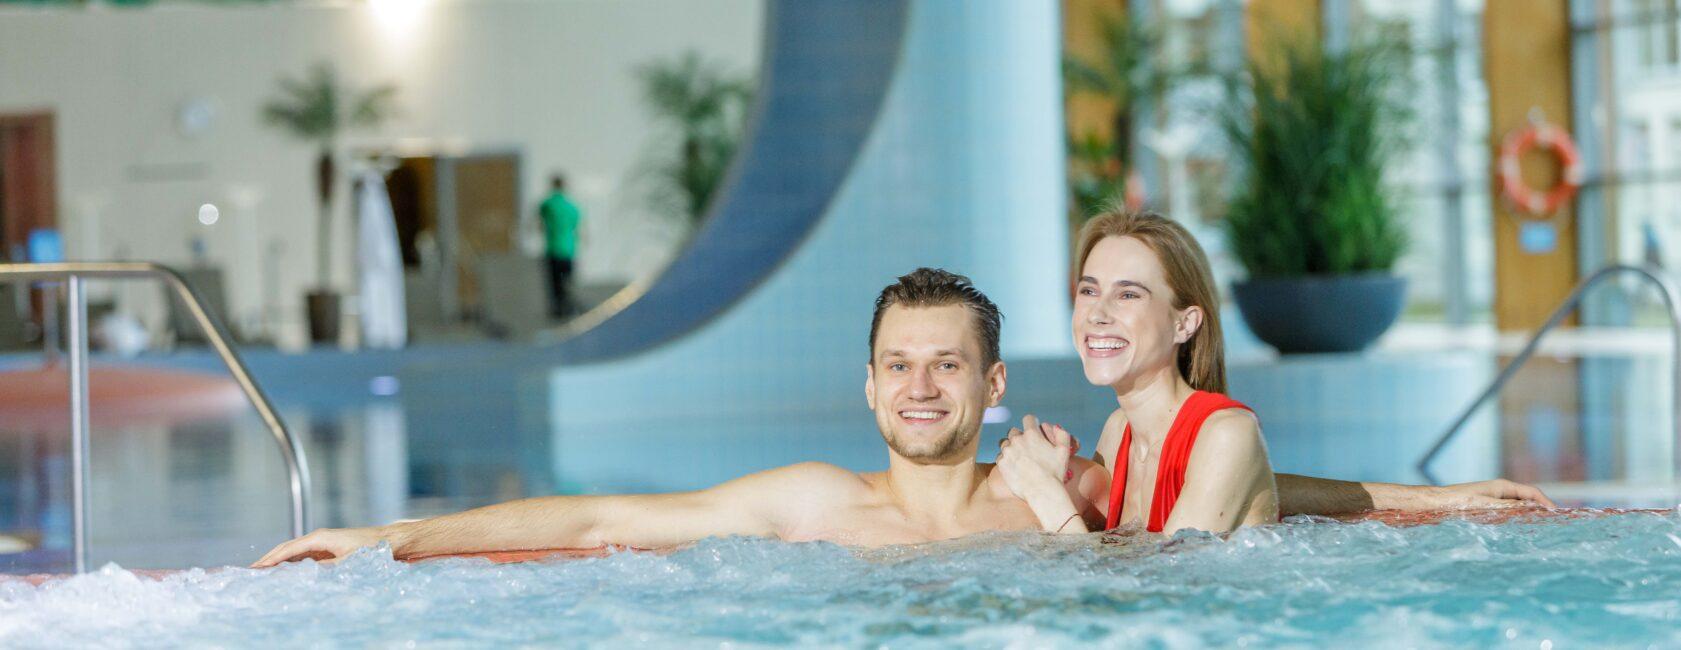 Dėmesio! Rugsėjo 25–26 d. keičiasi lankytojų priėmimo į baseinų ir pirčių kompleksą tvarka Birštone